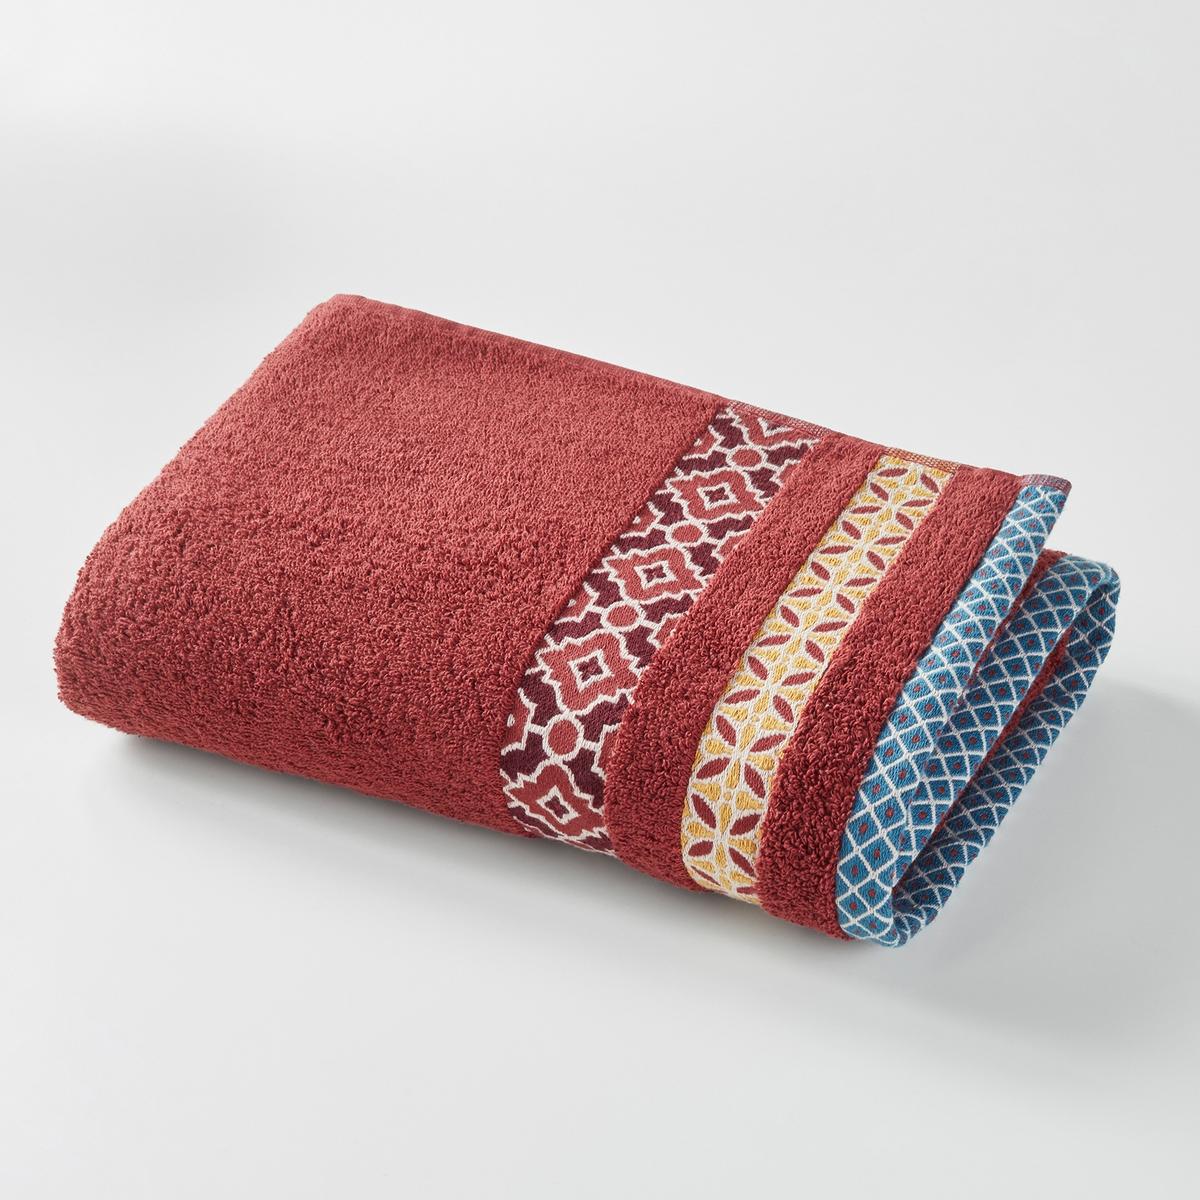 Полотенце, 100x150, 100% хлопка, EVORA.Банное полотенце с цветной кромкой из 100% хлопка, EVORA. Большое полотенце, мягкое и нежное, с цветной кромкой, оно непременно оживит любой интерьер ванной комнаты. Характеристики:Материал: махровая ткань, 100% хлопка (500гр/м?).Уход: Машинная стирка при 60°С.Жаккардовая кромка.Размеры:100 x 150 см.<br><br>Цвет: кирпичный